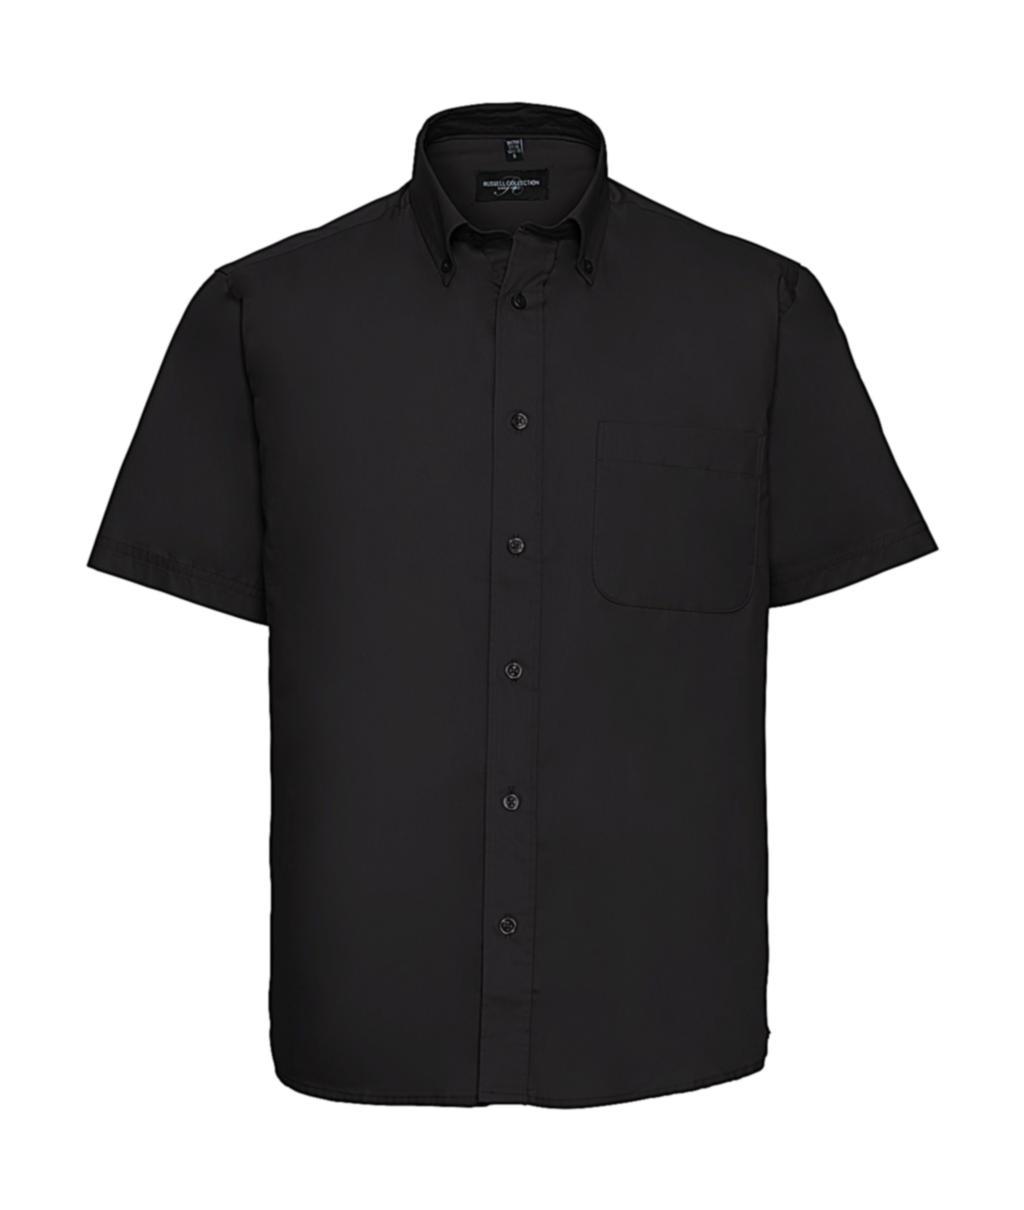 Pánská košile Twill s krátkým rukávem - zvìtšit obrázek